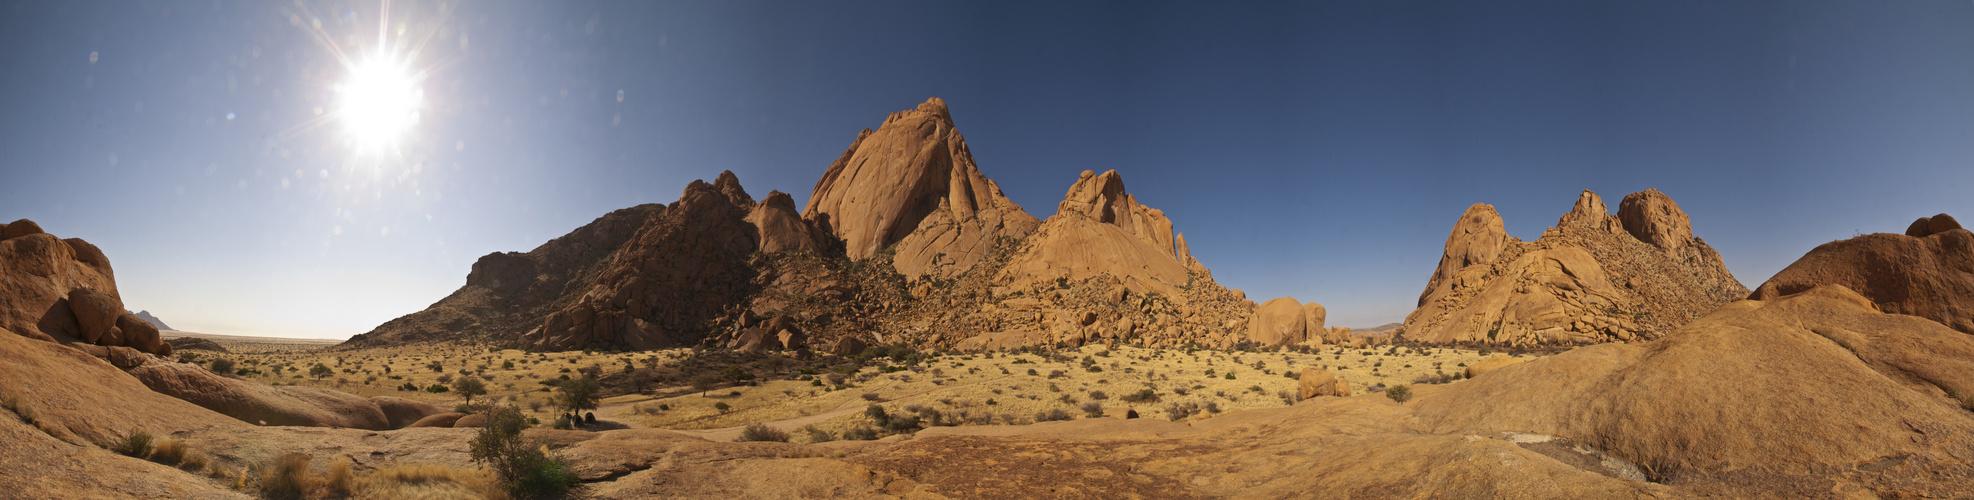 Spitzkoppe / Namibia / 2011